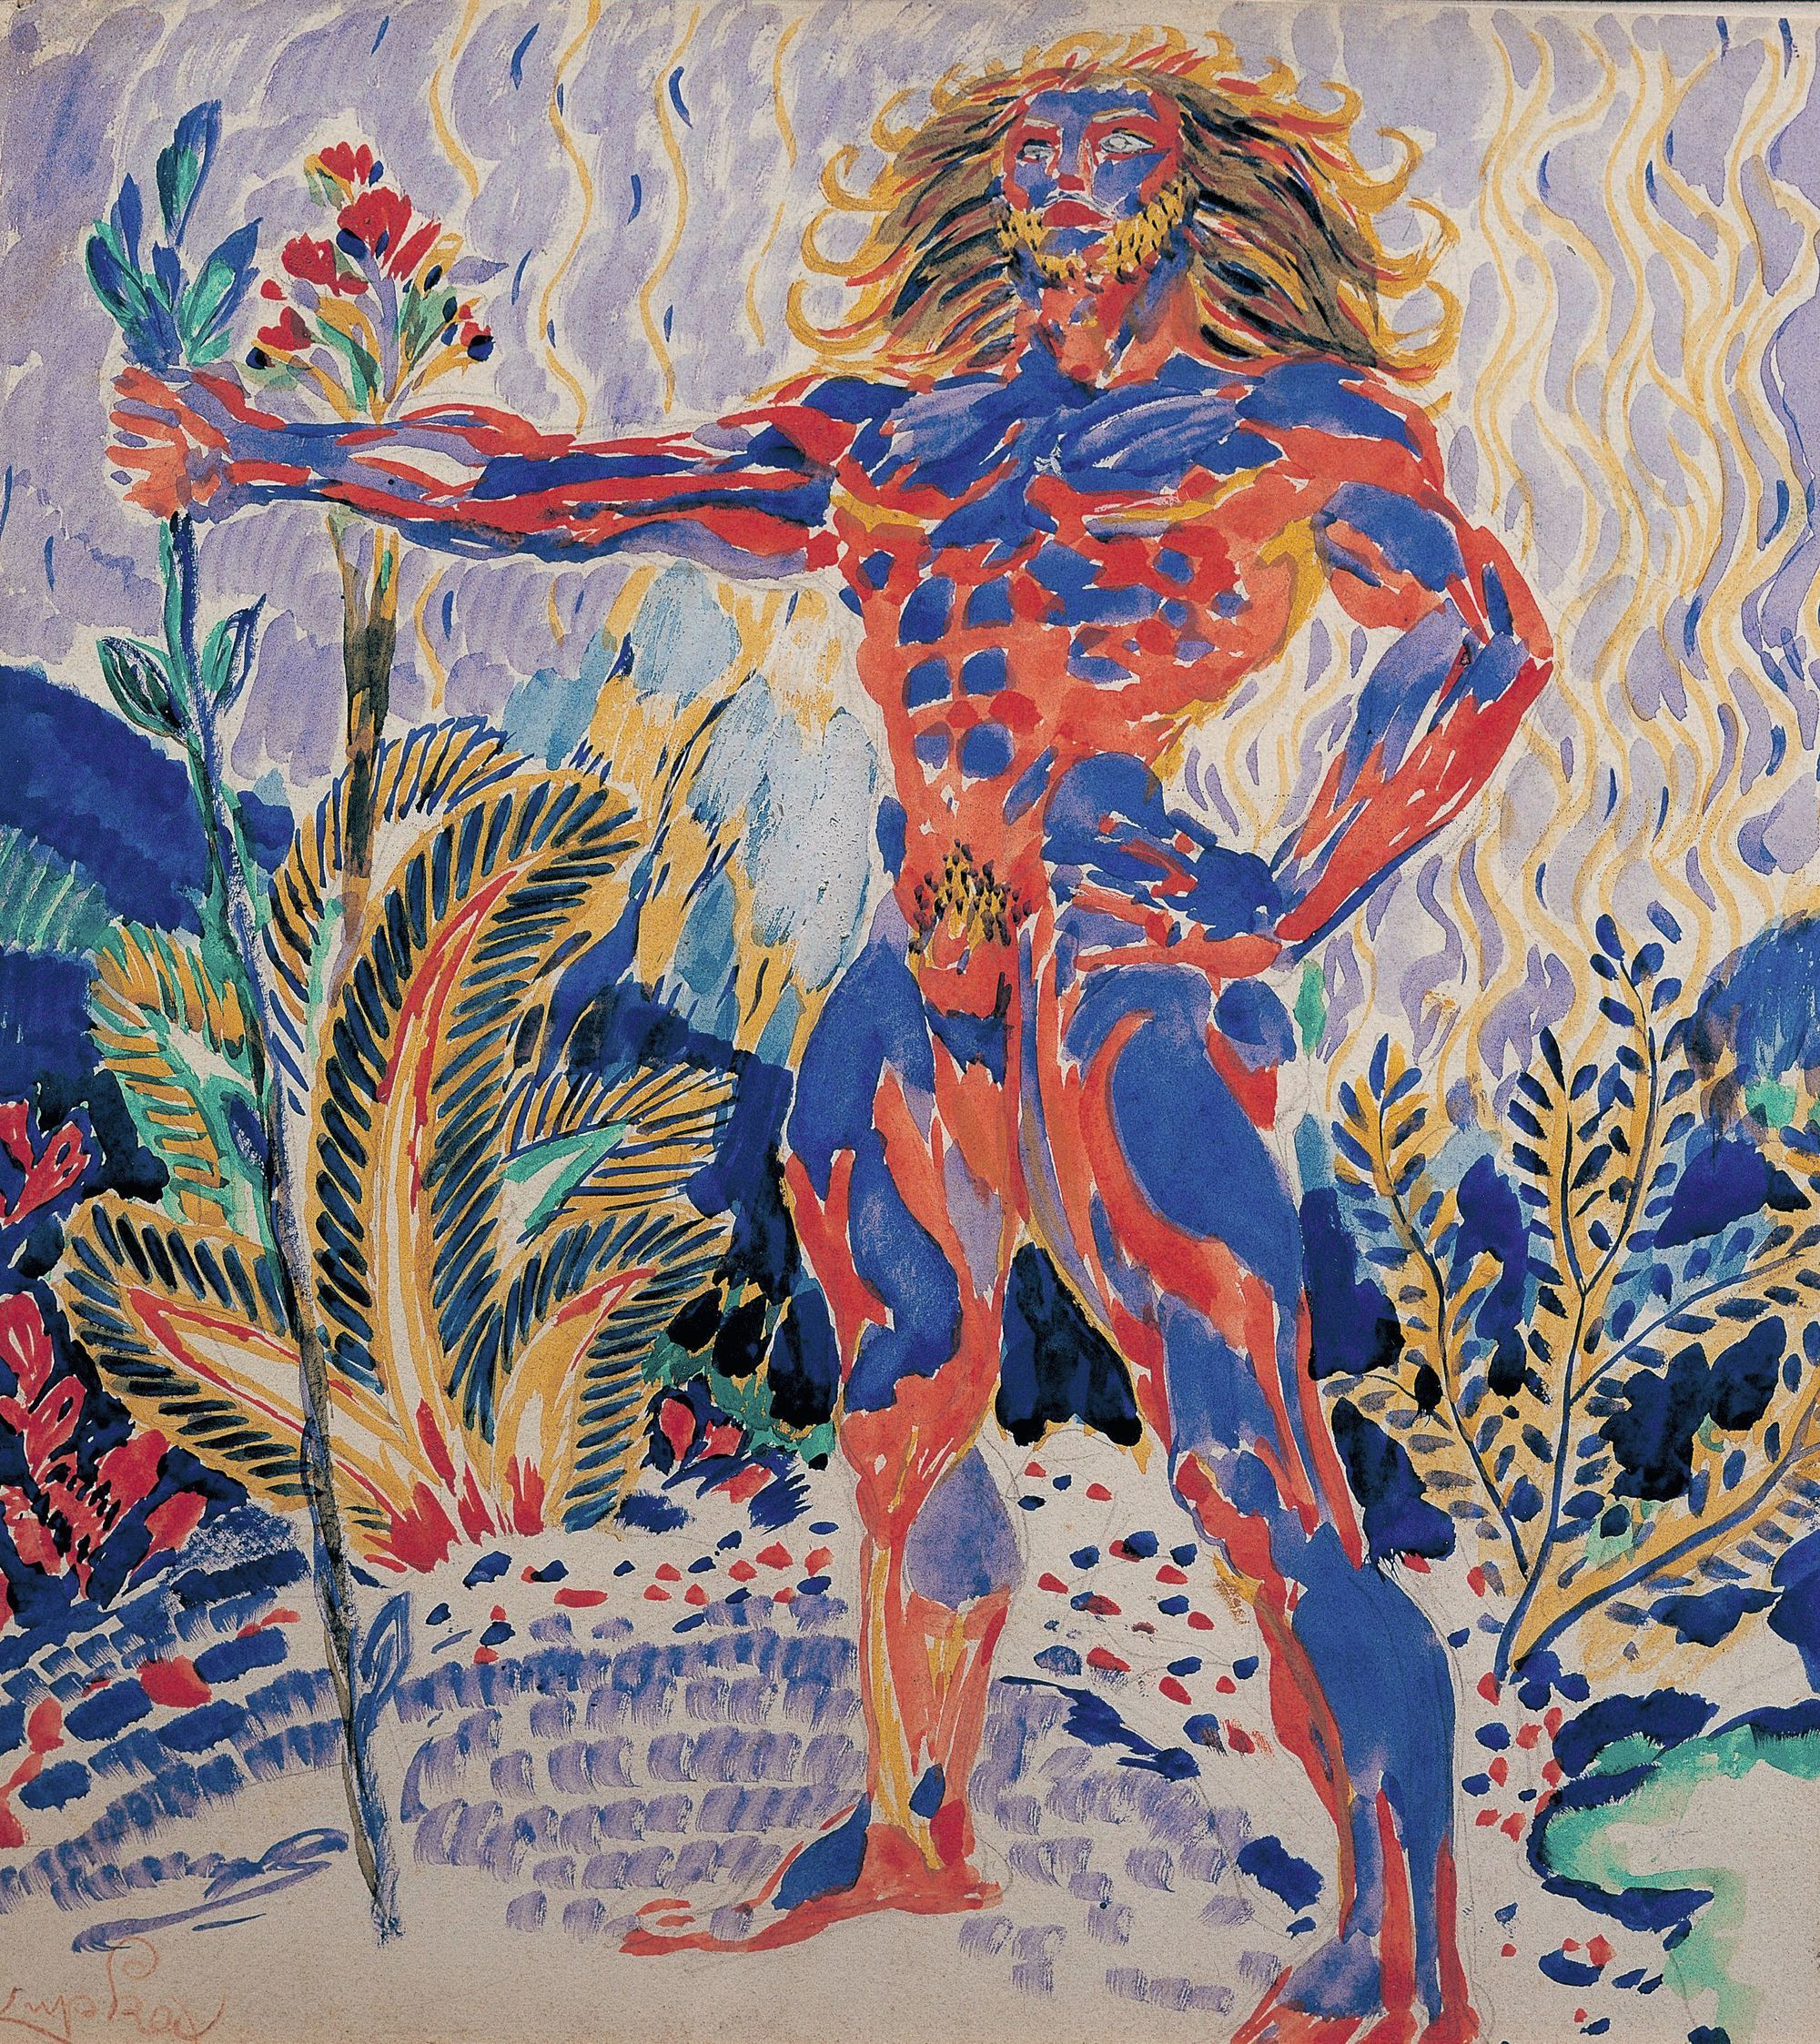 Frantisek Kupka, Prométhée bleu et rouge